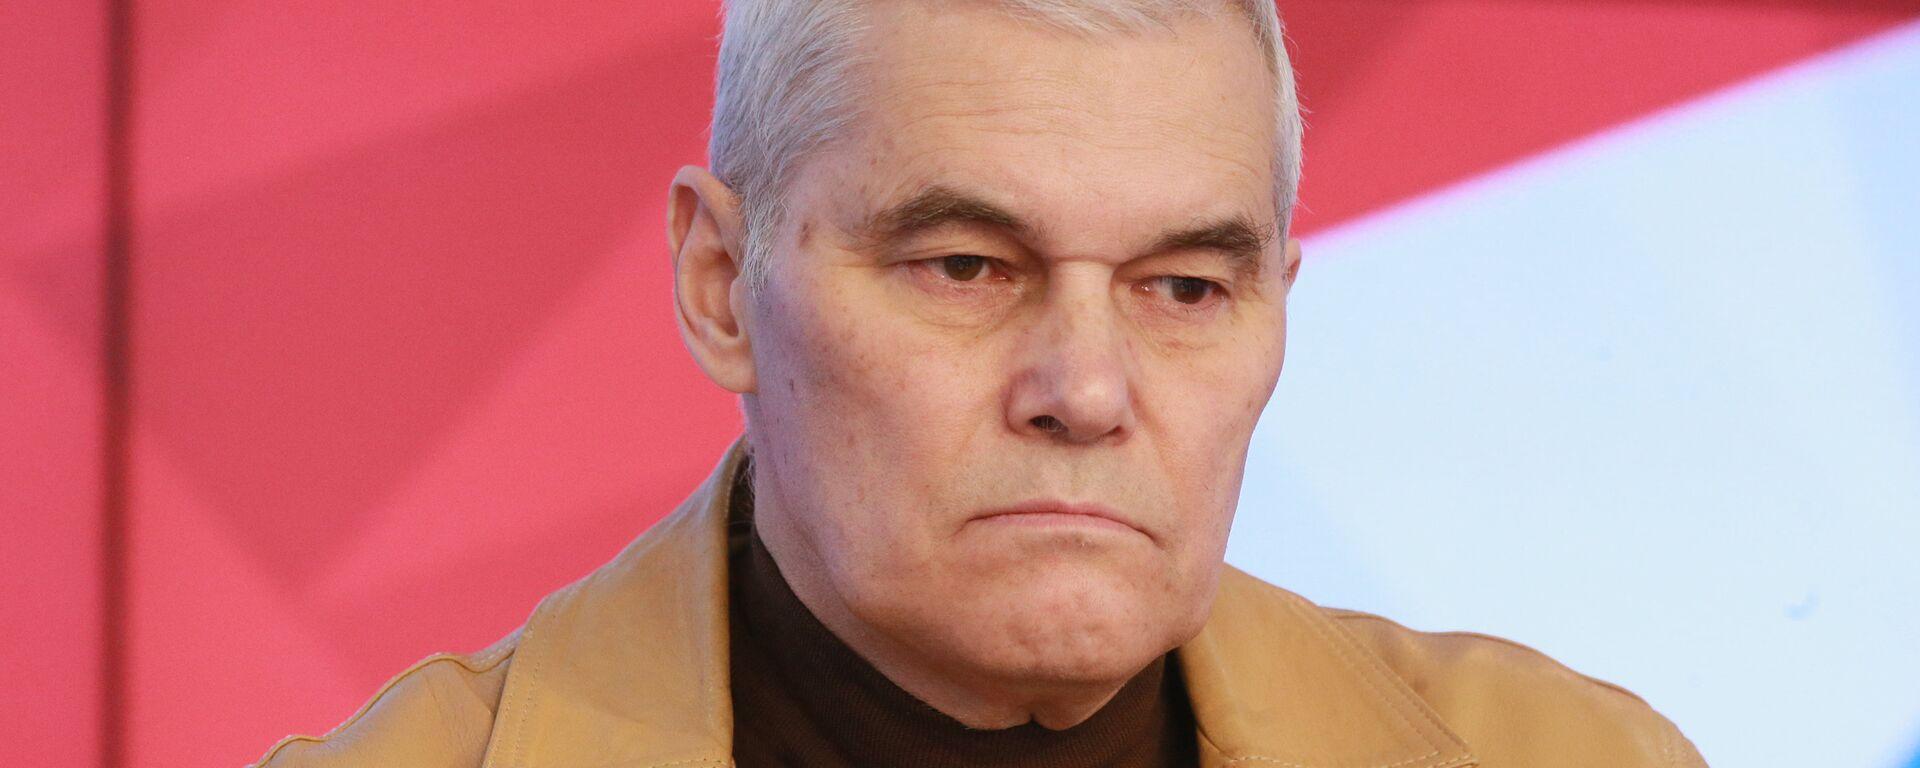 Член-корреспондент Российской академии ракетных и артиллерийских наук Константин Сивков - Sputnik Латвия, 1920, 10.09.2018